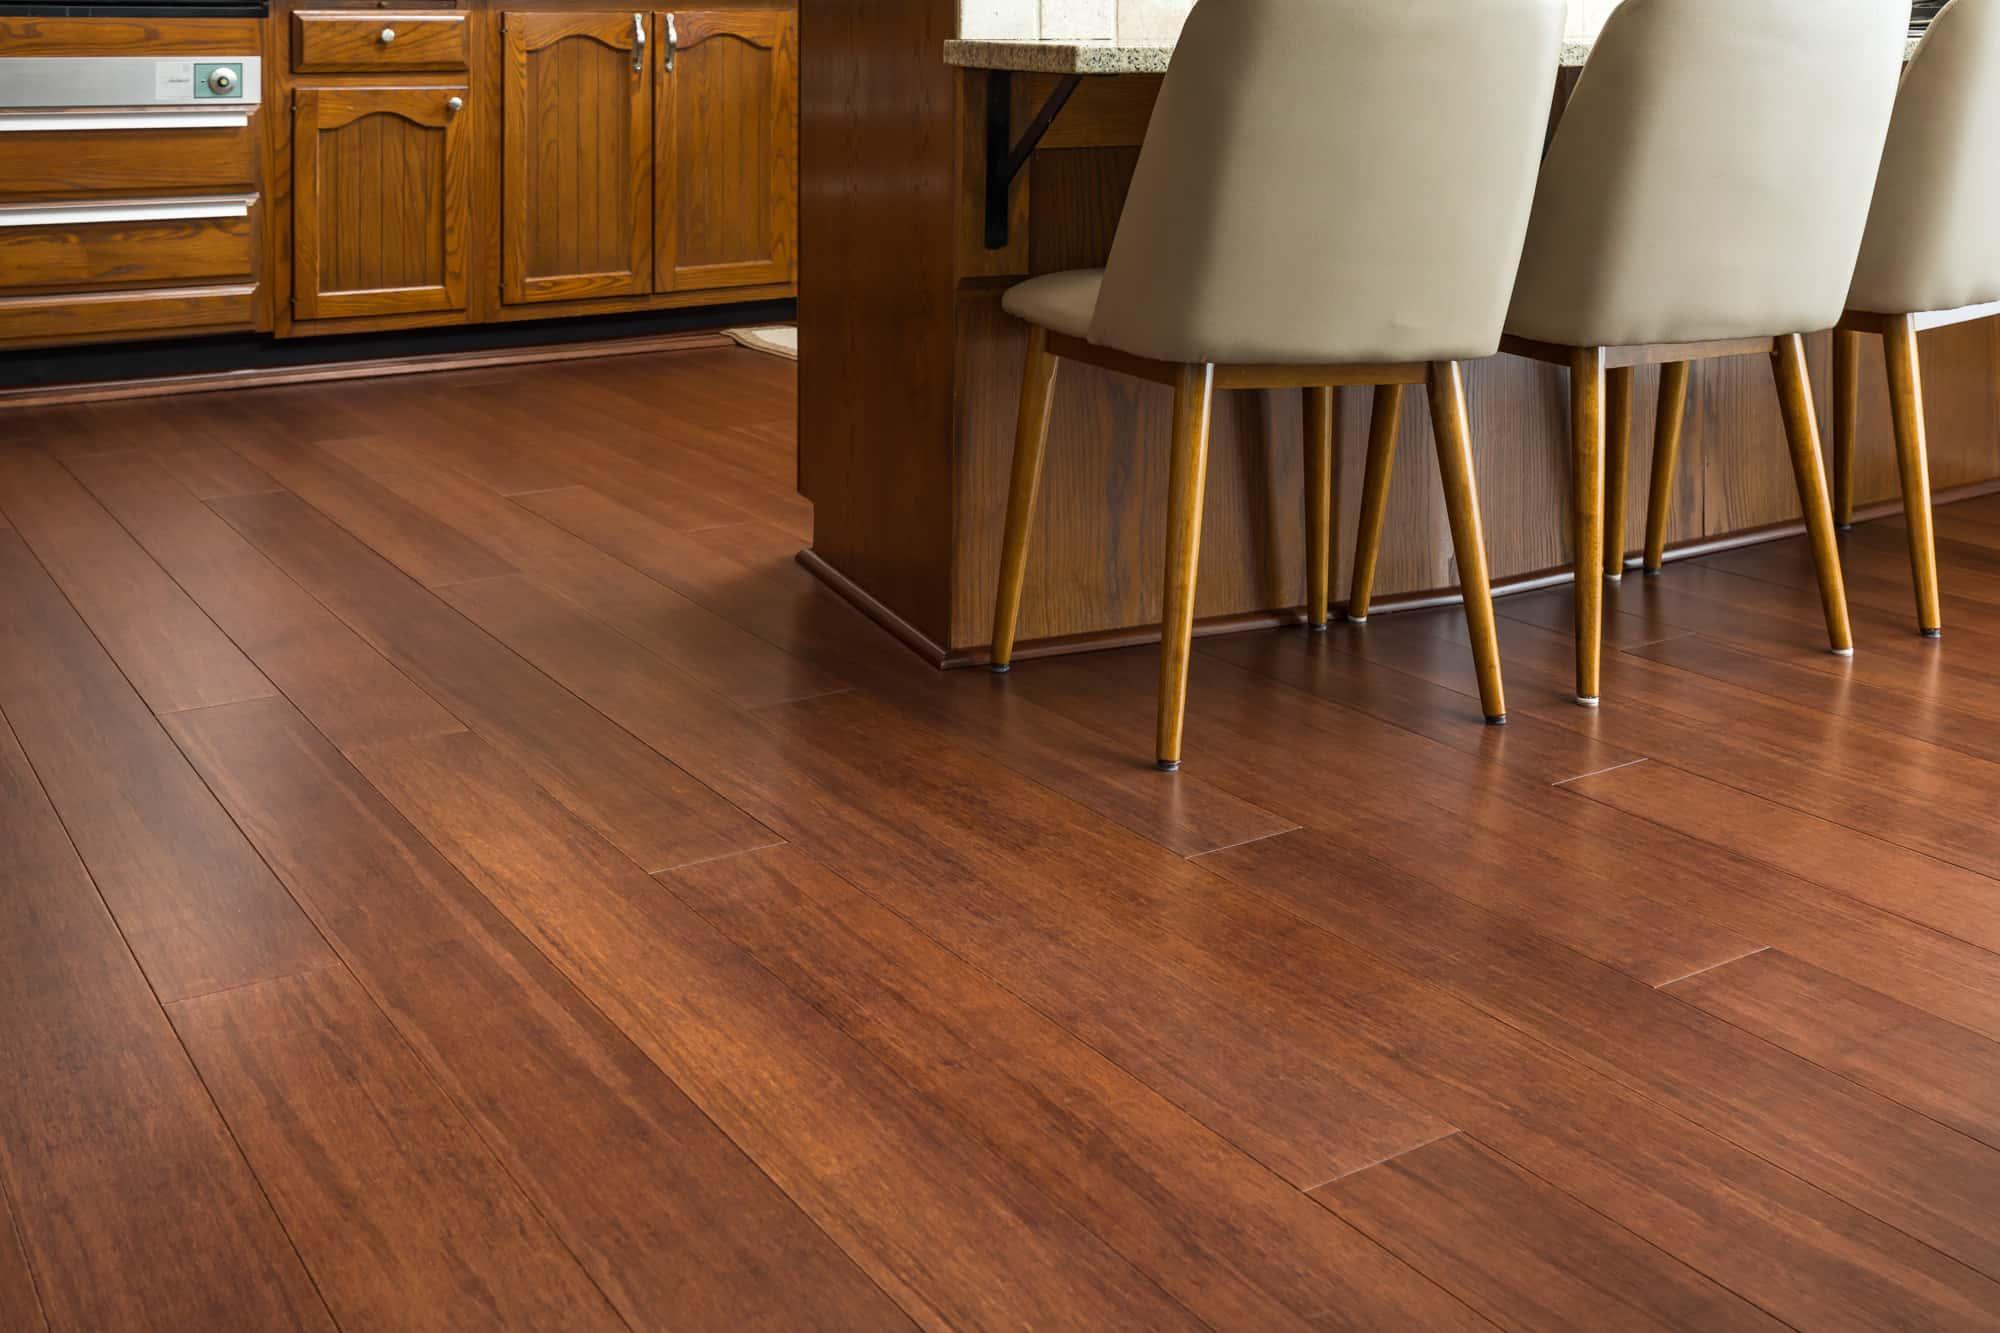 Espresso Bamboo Flooring Dining Room G min